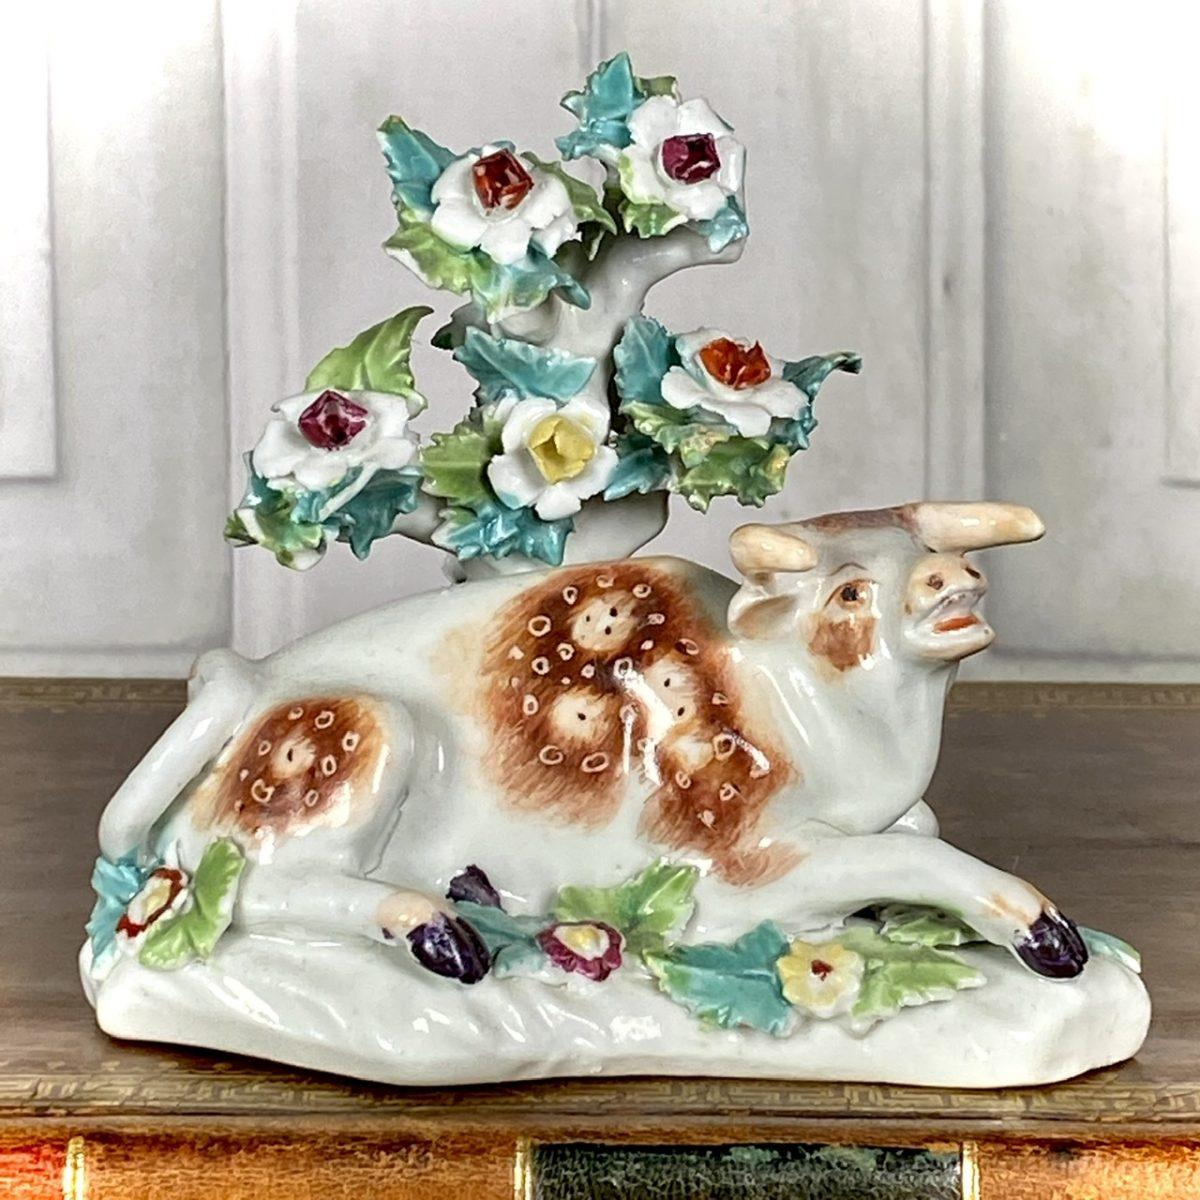 C18th Derby Porcelain Model of a Cow, c1765  (a)